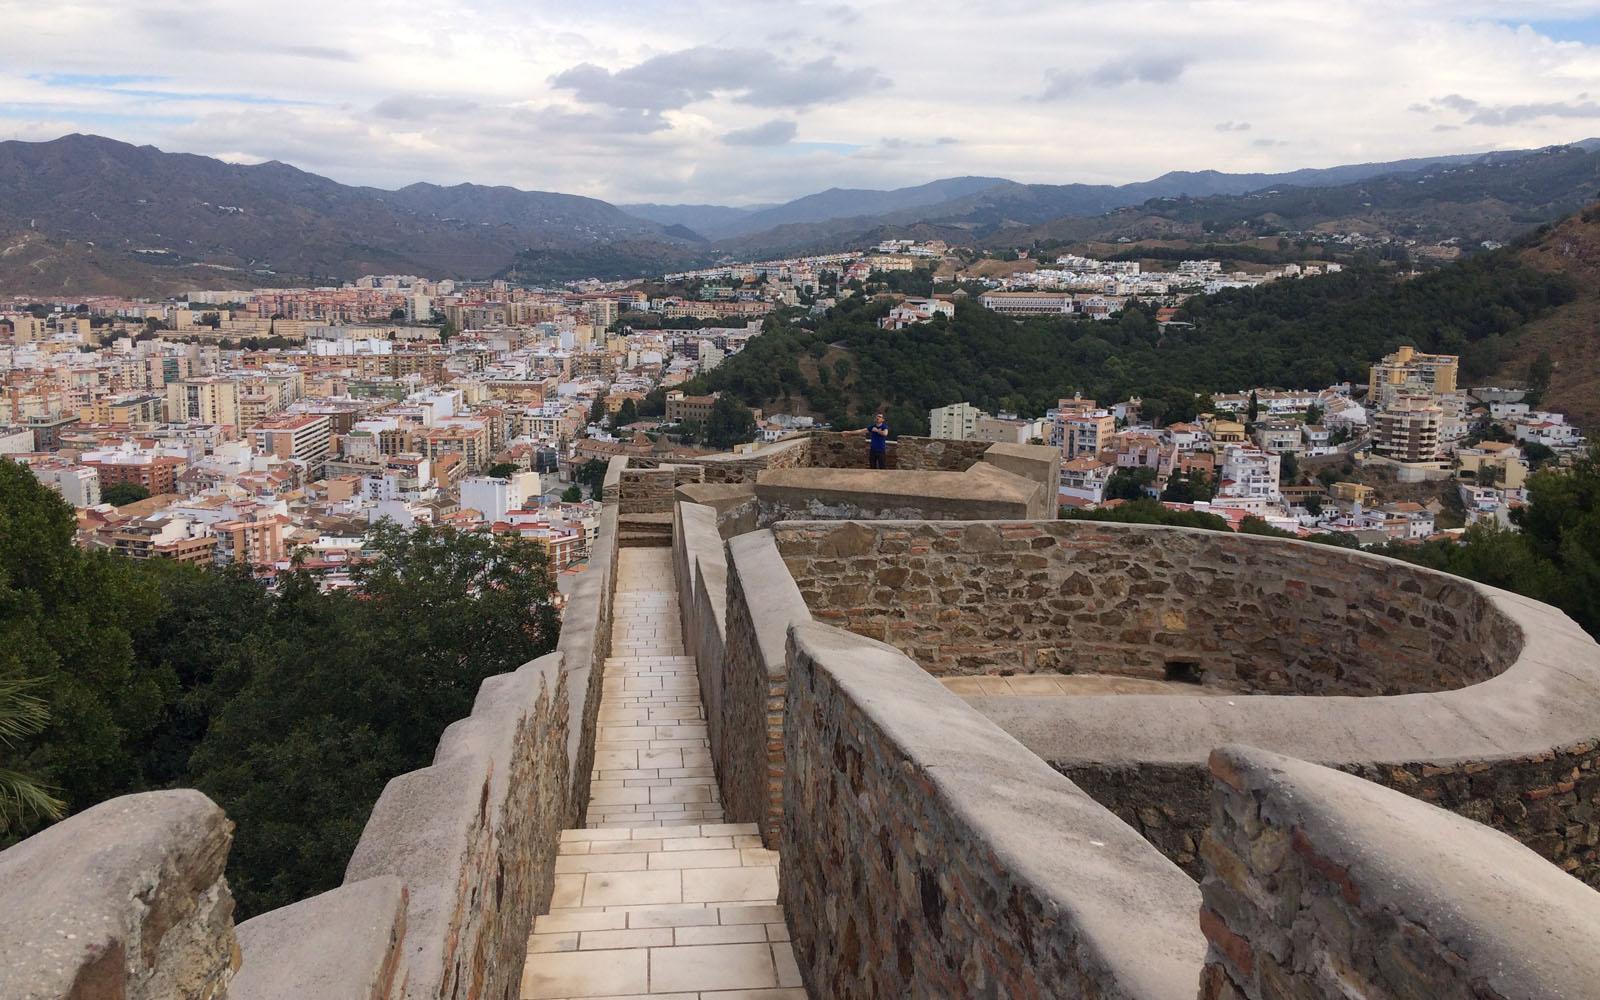 Il percorso lungo i bastioni del Castello di Gibralfaro di Malaga.